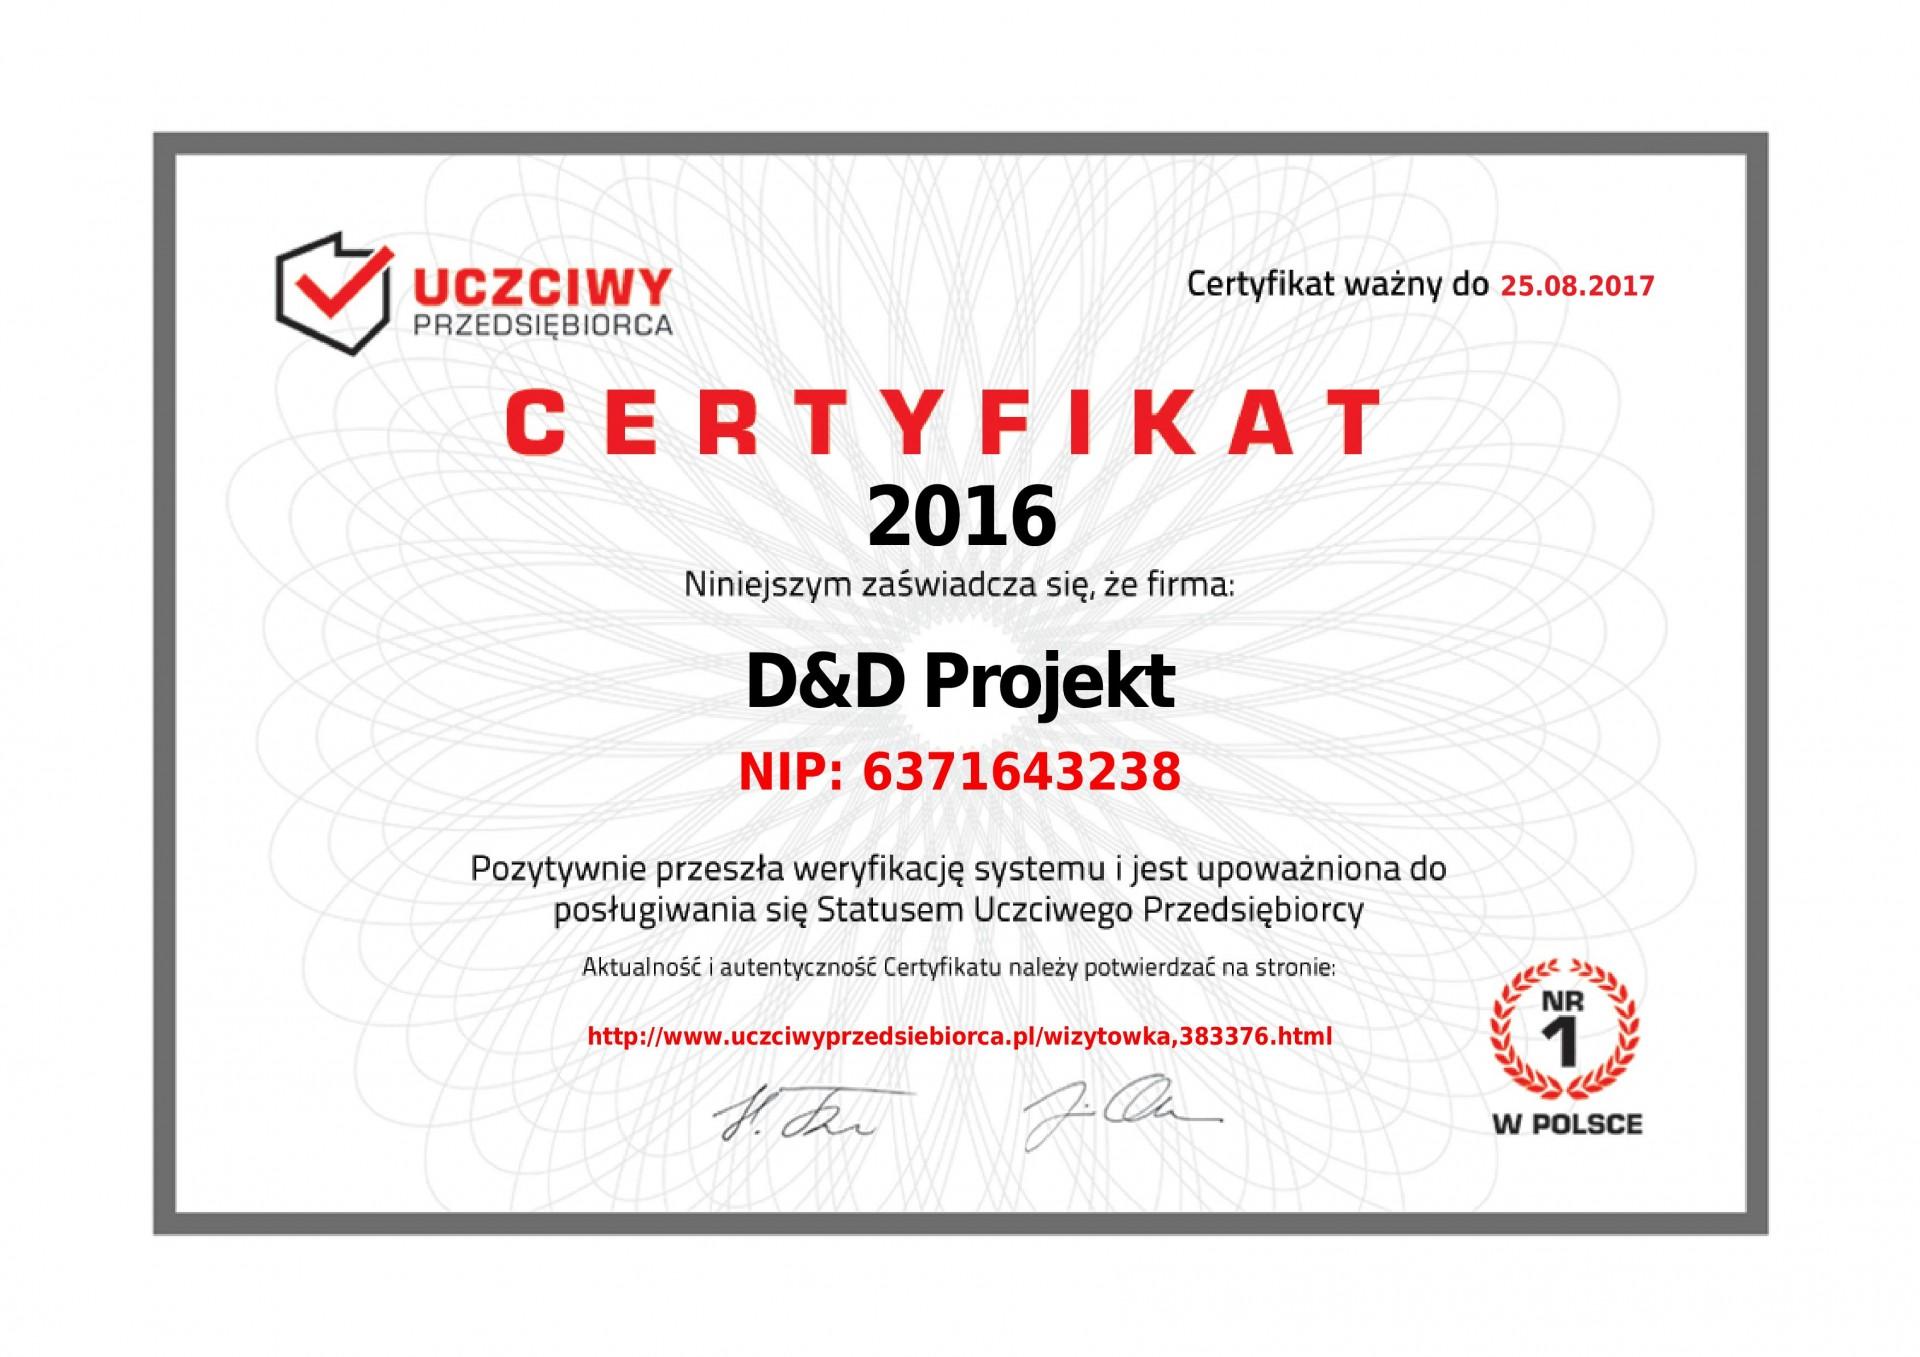 https://ddprojekt.pl/wp-content/uploads/2020/03/certyfikat-page-001-dd-projekt.jpg